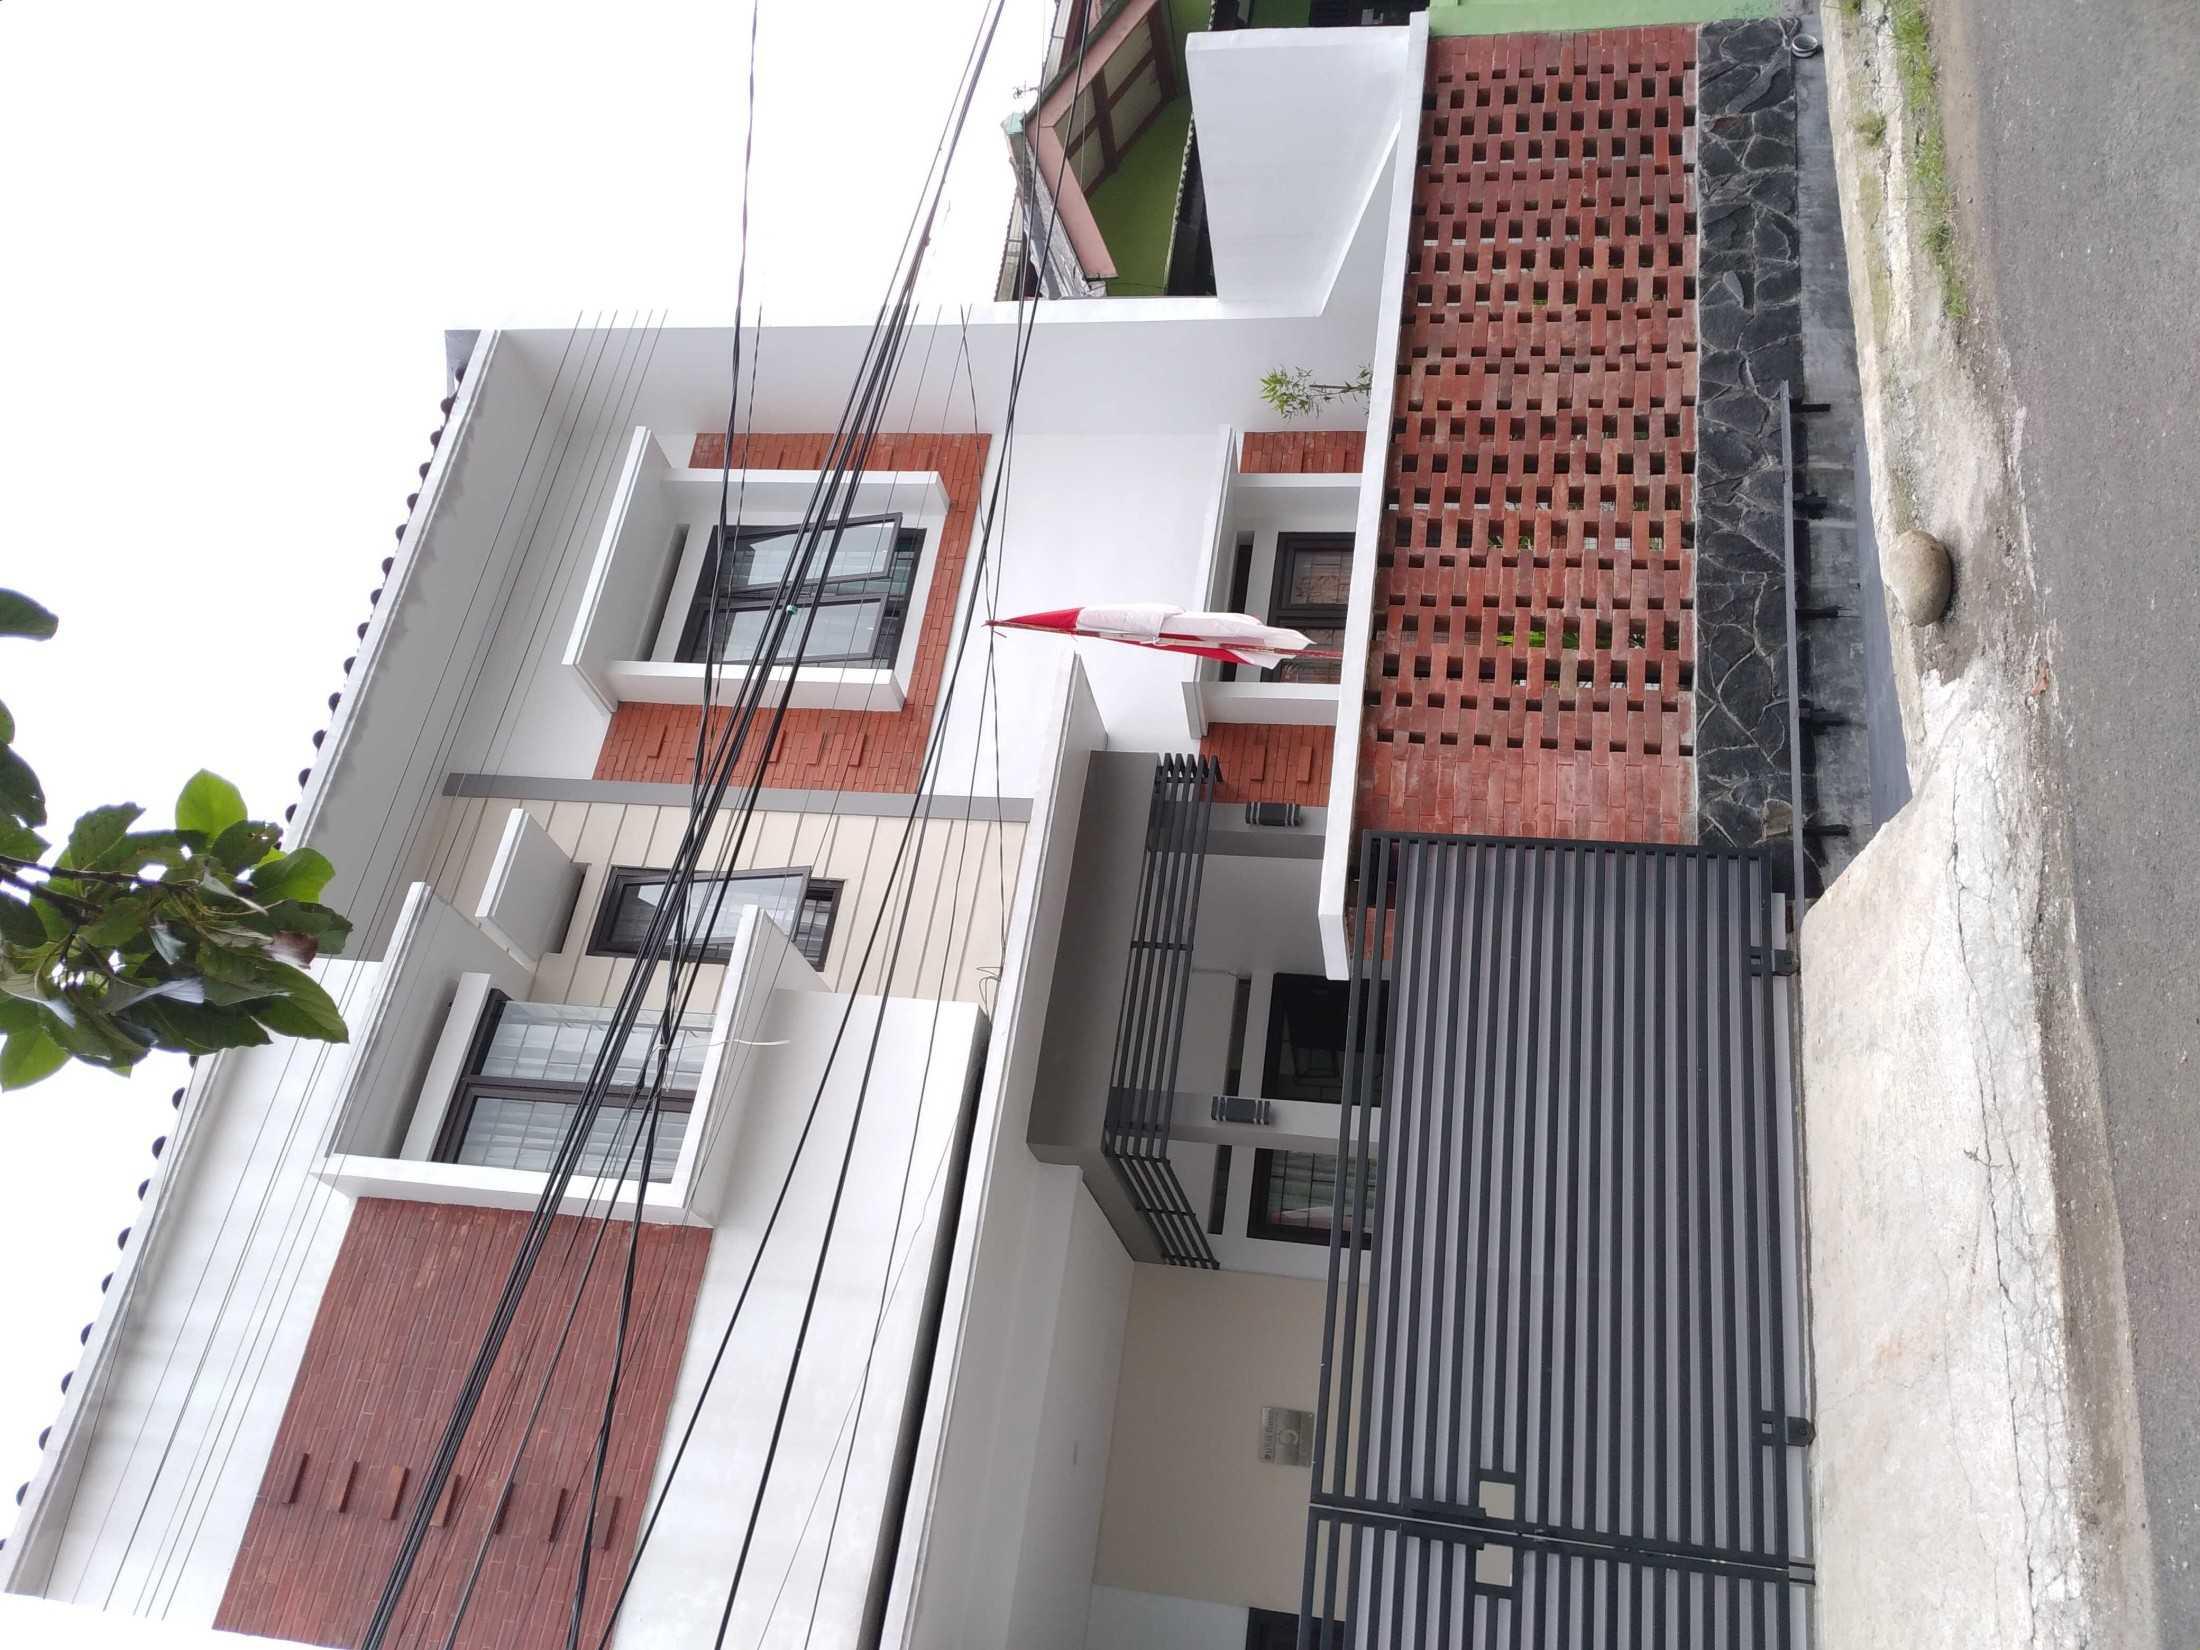 Mth29 Design [Design] Dr House - Bogor Bogor, Jawa Barat, Indonesia Bogor, Jawa Barat, Indonesia Mth29-Design-Dr-House-Bogor  109343